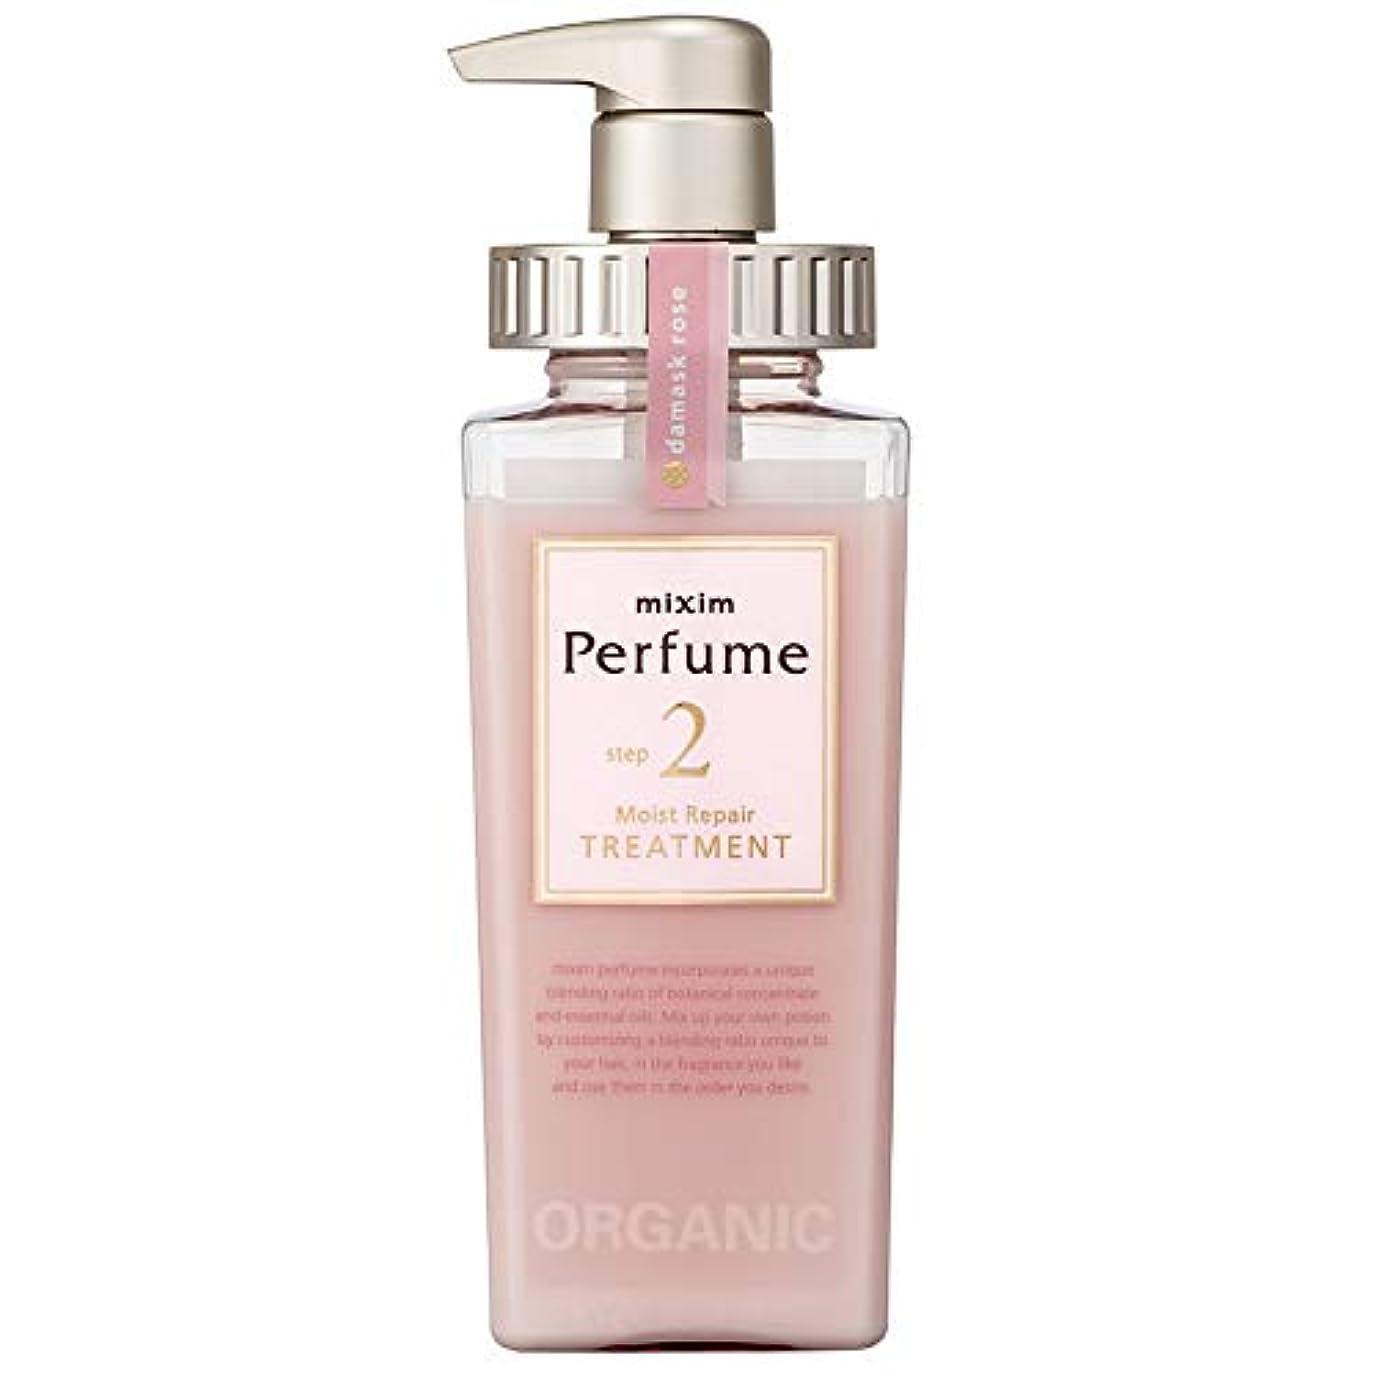 サルベージやろう刺しますmixim Perfume(ミクシムパフューム) モイストリペア ヘアトリートメント 440g